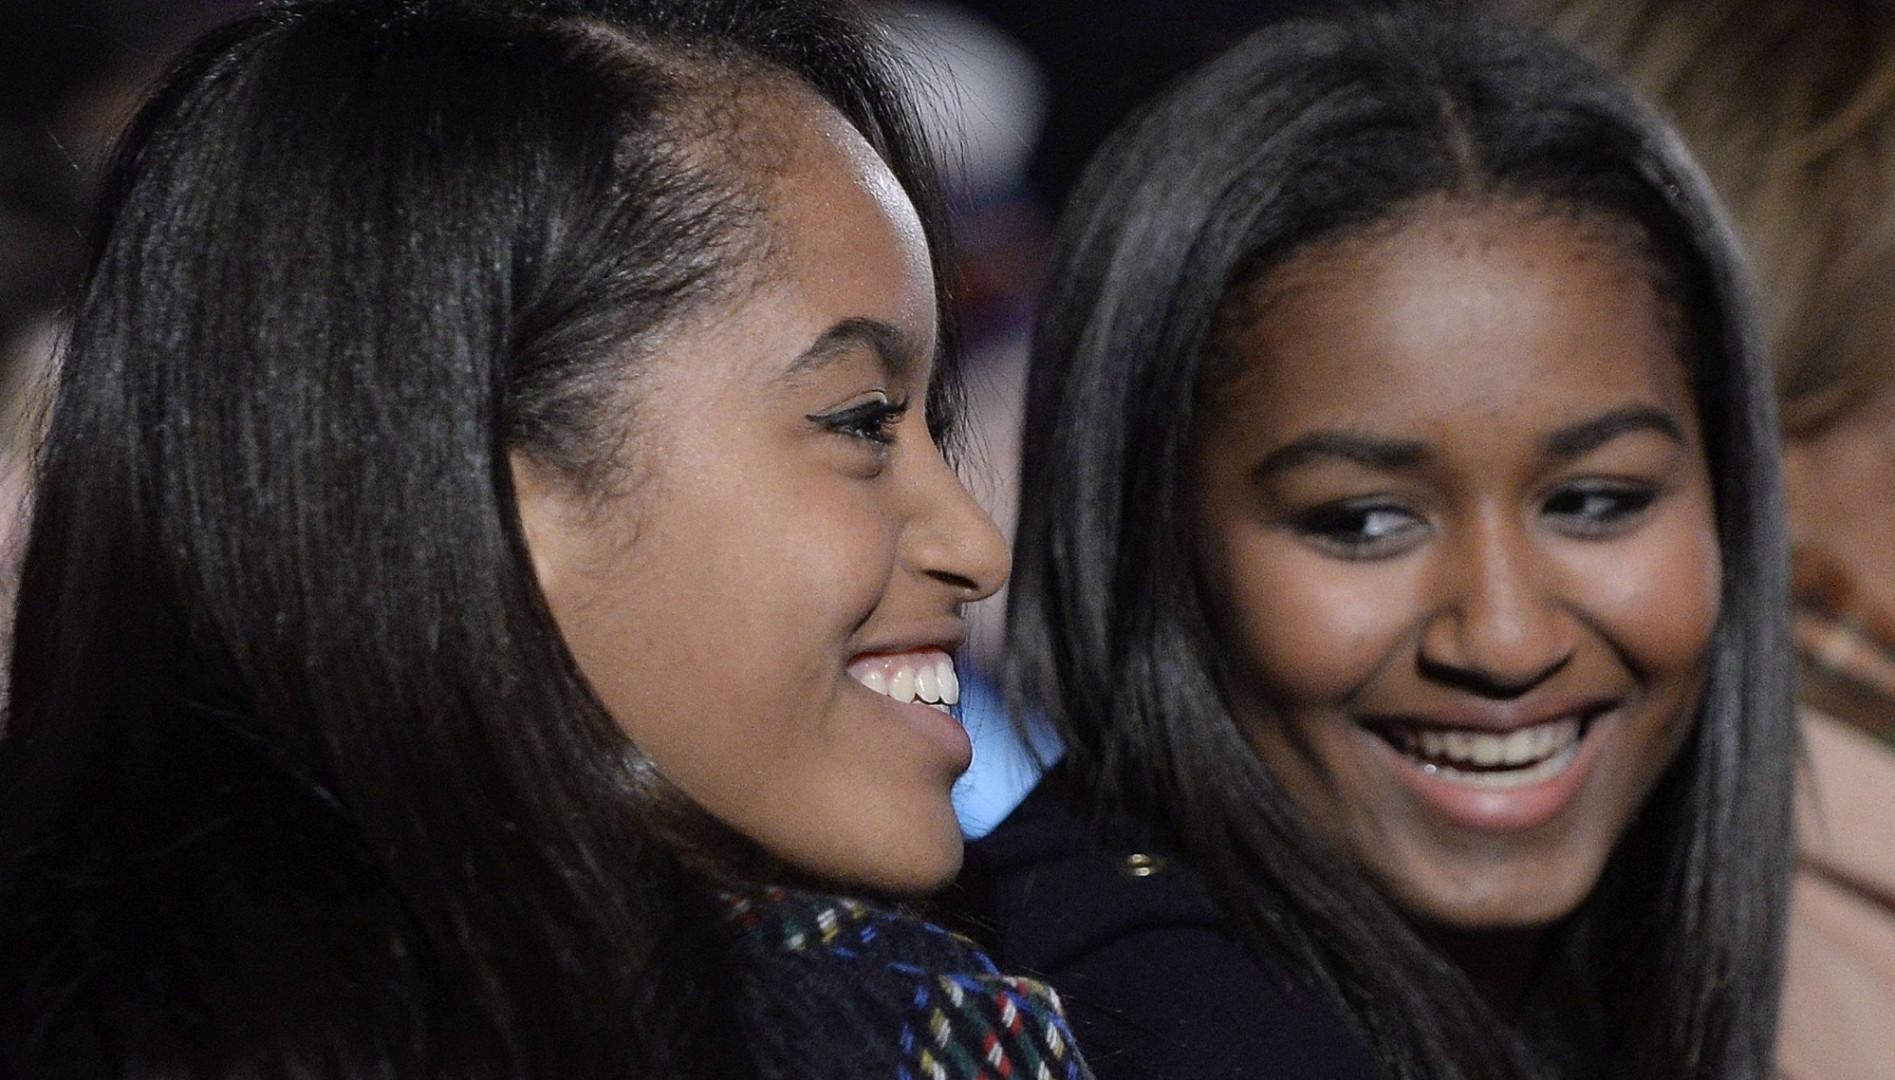 Adolescentes, les deux soeurs s'affichent toujours aussi complices que lorsqu'elles étaient enfants.